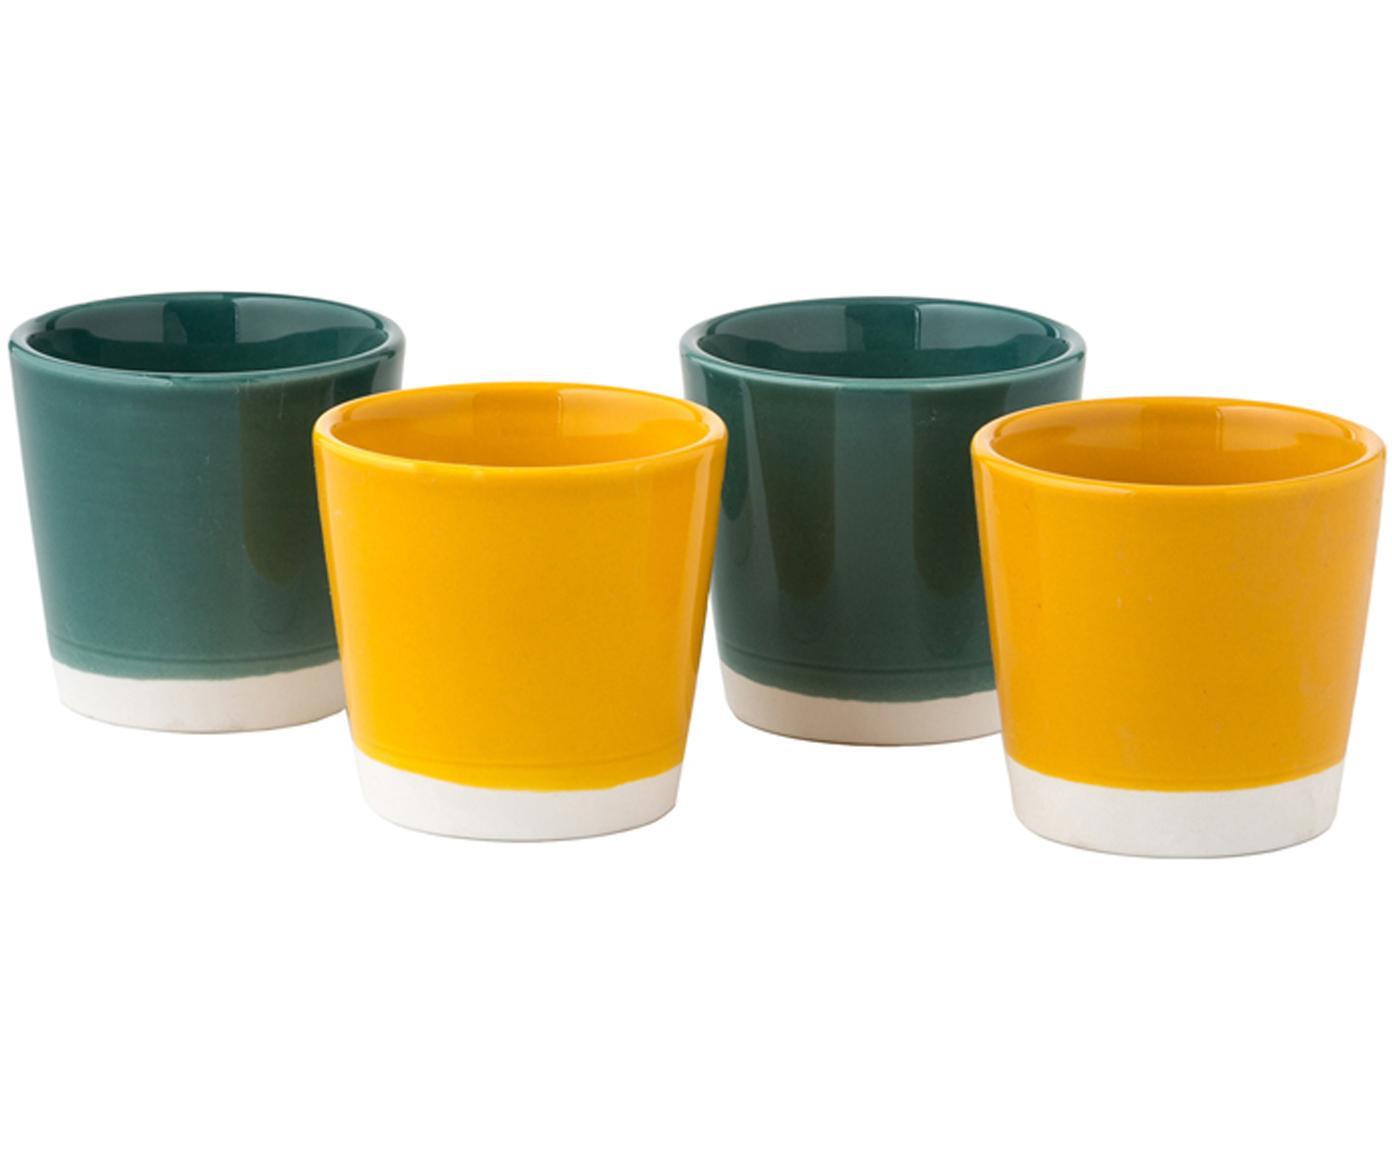 Set de tazas de café Yen, 4pzas., Arenisca, Tazas 1 y 2: blanco, verde Tazas 3 y 4: blanco, amarillo, Ø 7 x Al 6 cm